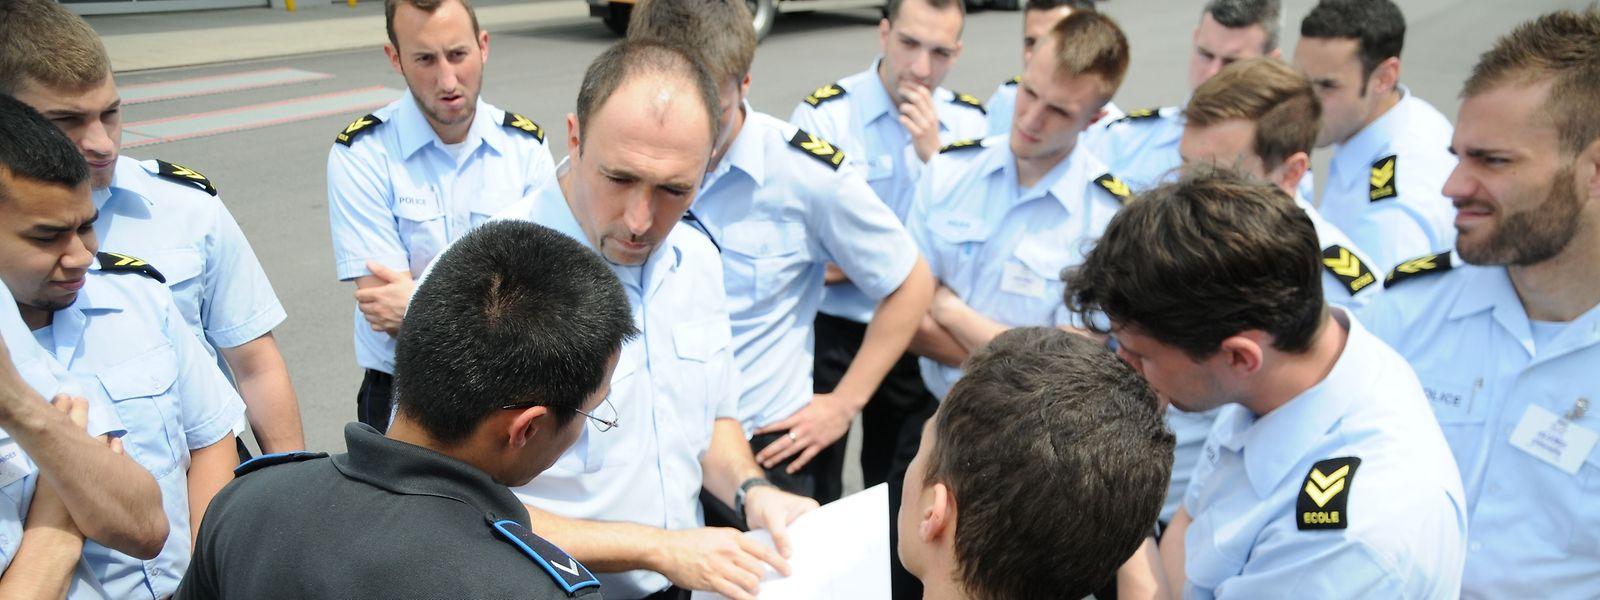 Das Interesse an einer Karriere bei der Polizei hat nach einer Abänderung der Prozeduren und einer breiten Öffentlichkeitskampagne deutlich zugenommen.